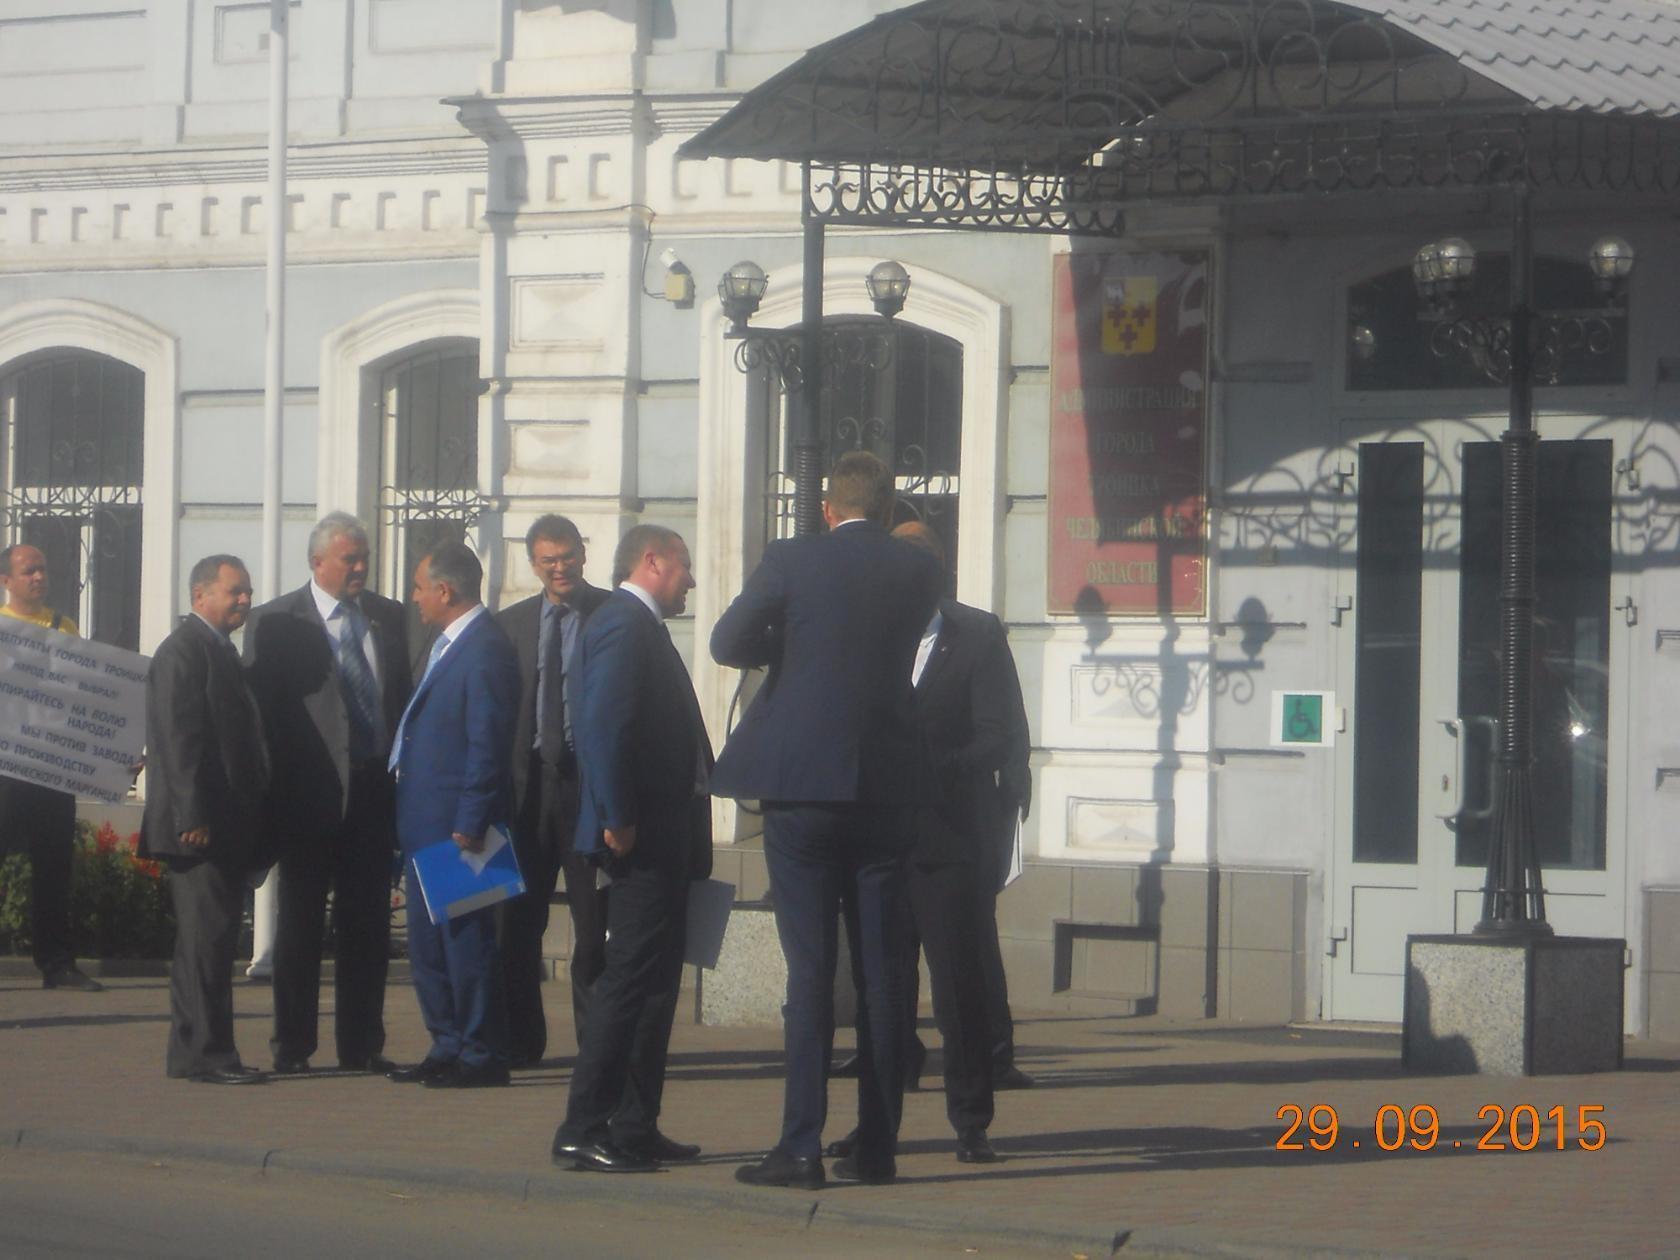 Одиночный пикет у администрации города Троицка. Мэр города и депутаты не обращают внимания.